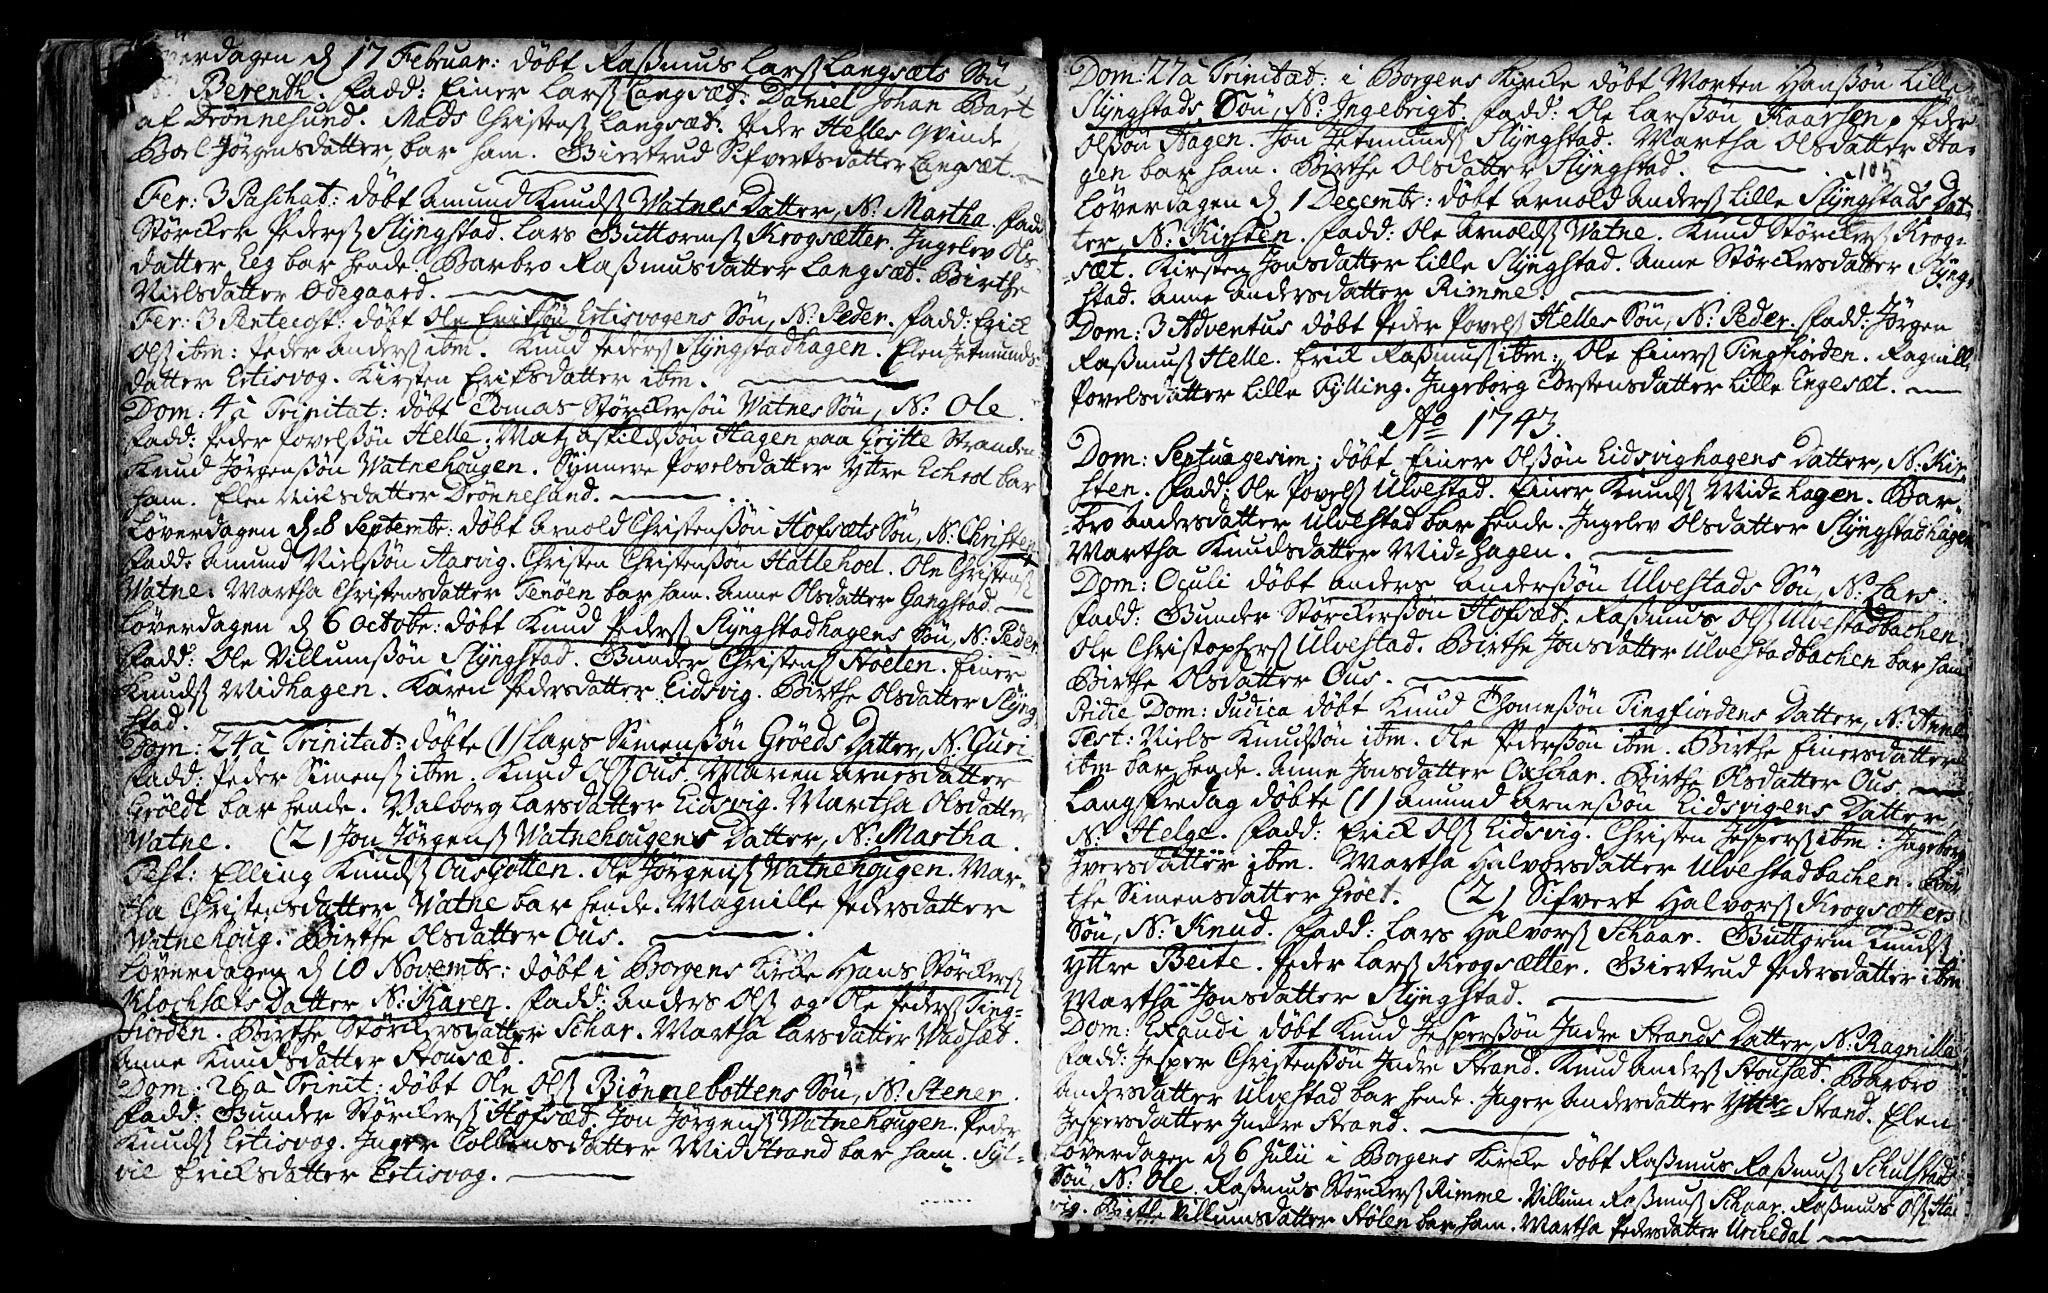 SAT, Ministerialprotokoller, klokkerbøker og fødselsregistre - Møre og Romsdal, 525/L0371: Ministerialbok nr. 525A01, 1699-1777, s. 105